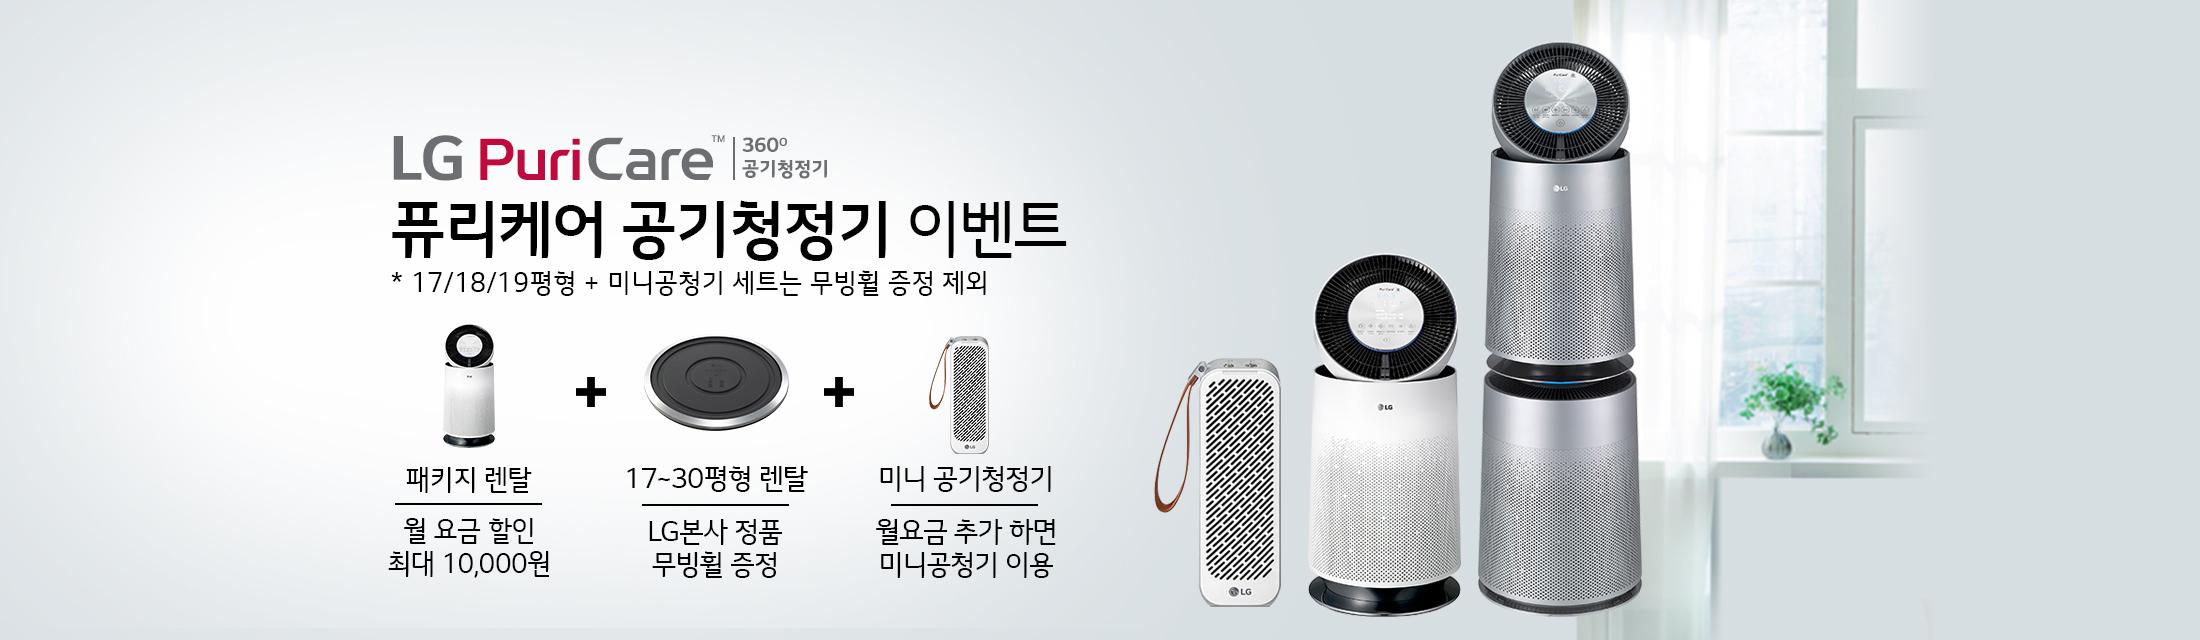 LG 퓨리케어 공기청정기 무빙휠 월요금할인 이벤트